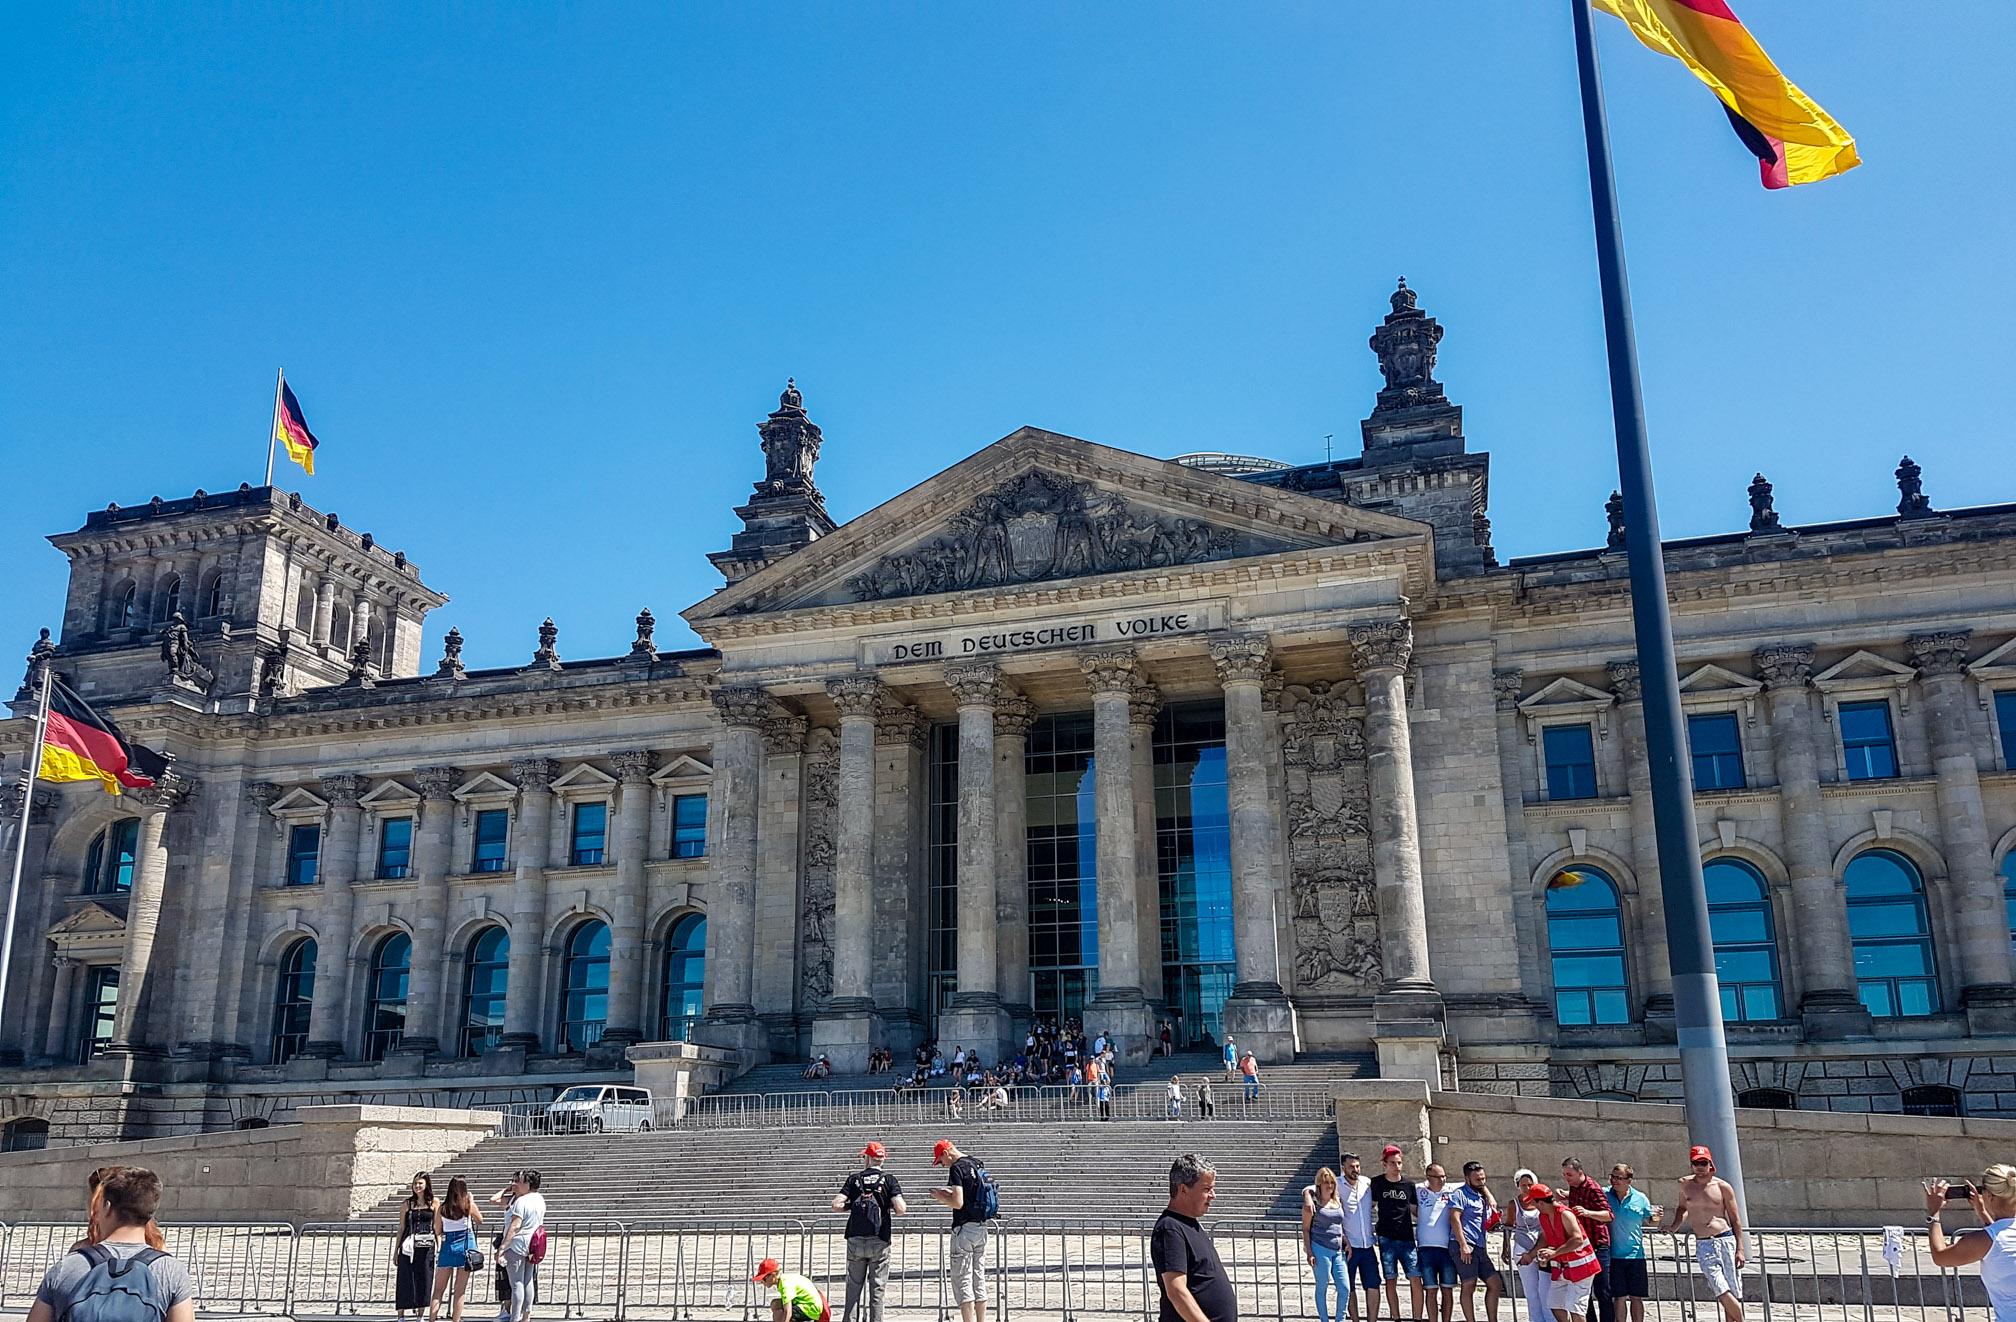 Berlin_Reichstag_Bundestag